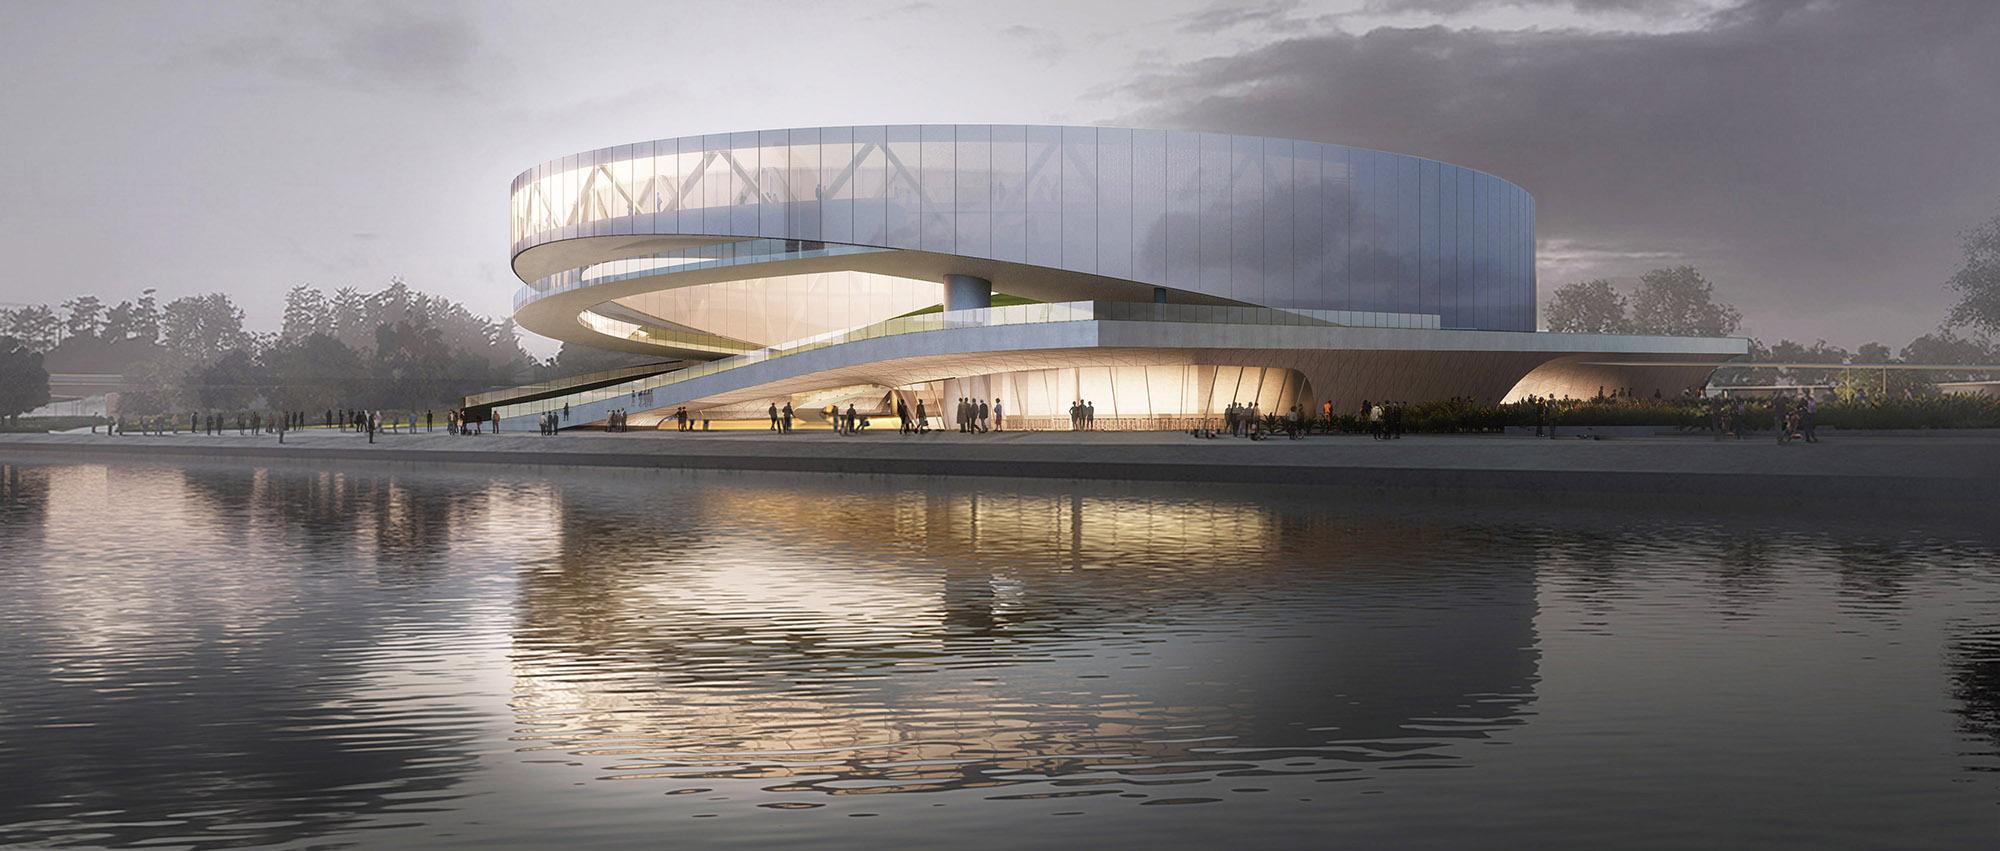 心之所向_THE HEART OF A PLACE : 新加坡先贤纪念馆竞赛全球五强入围提案